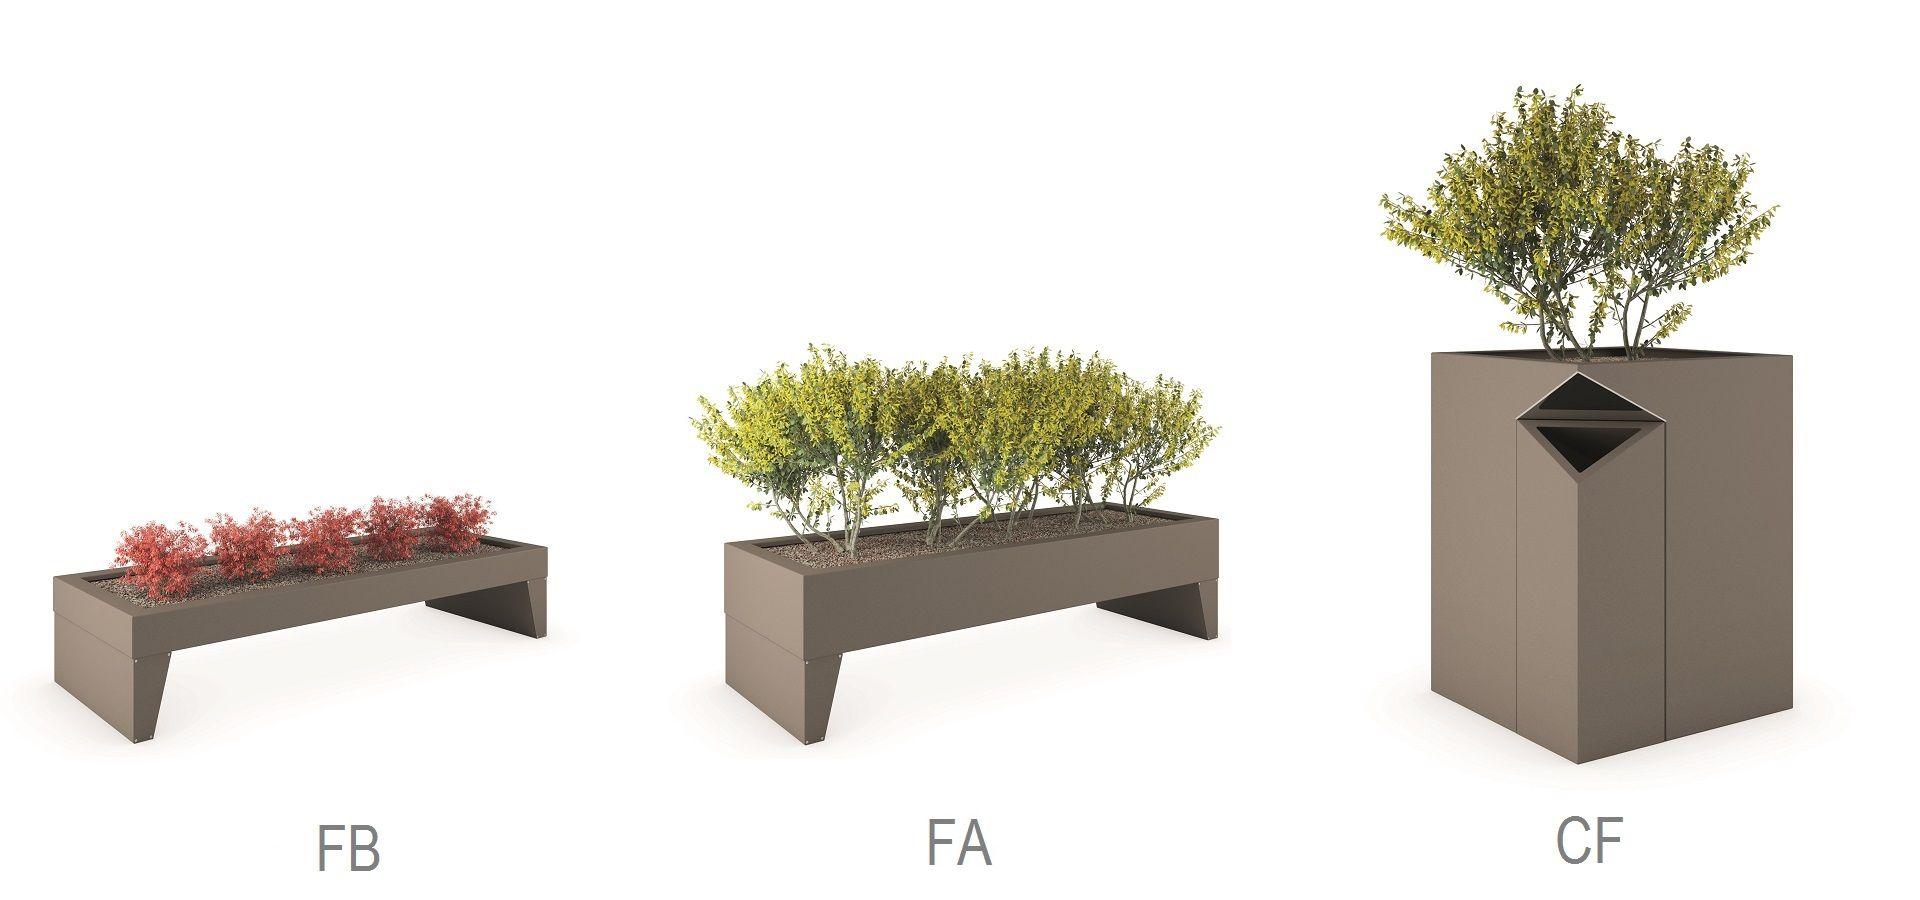 ISOLAURBANA banc public modulaire / design original / en bois / en acier / en béton